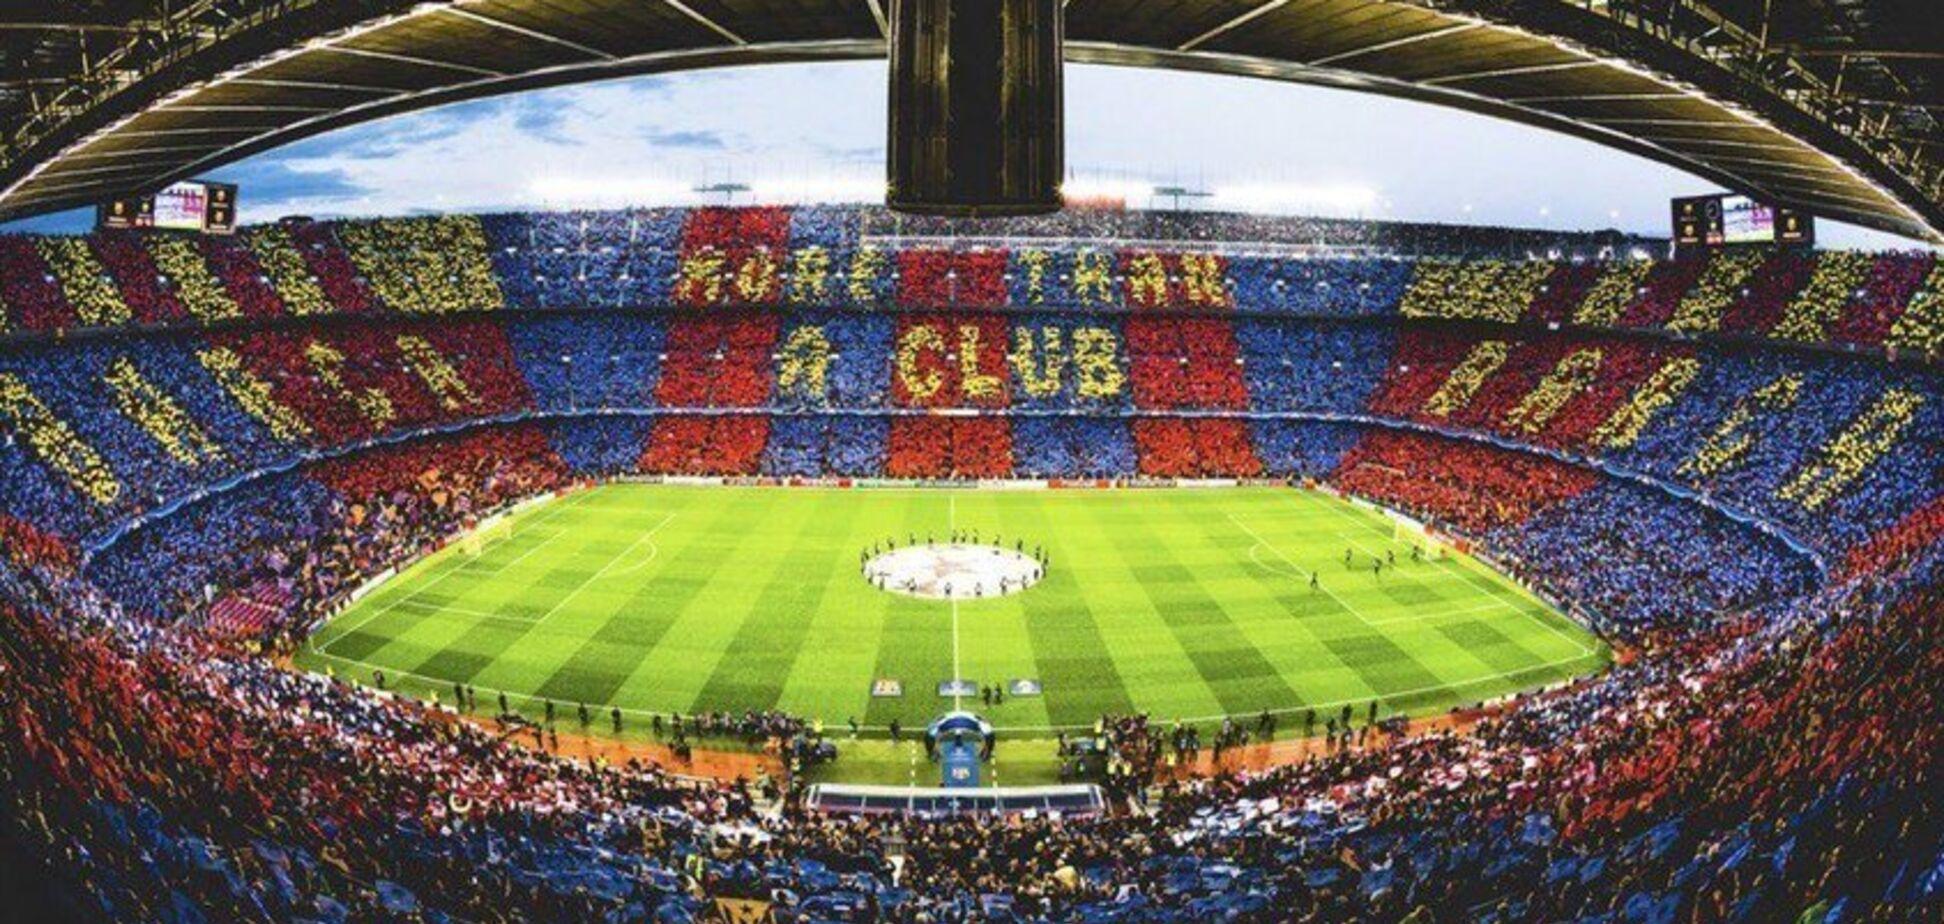 Протести в Барселоні: футбольне Ель Класіко під загрозою зриву